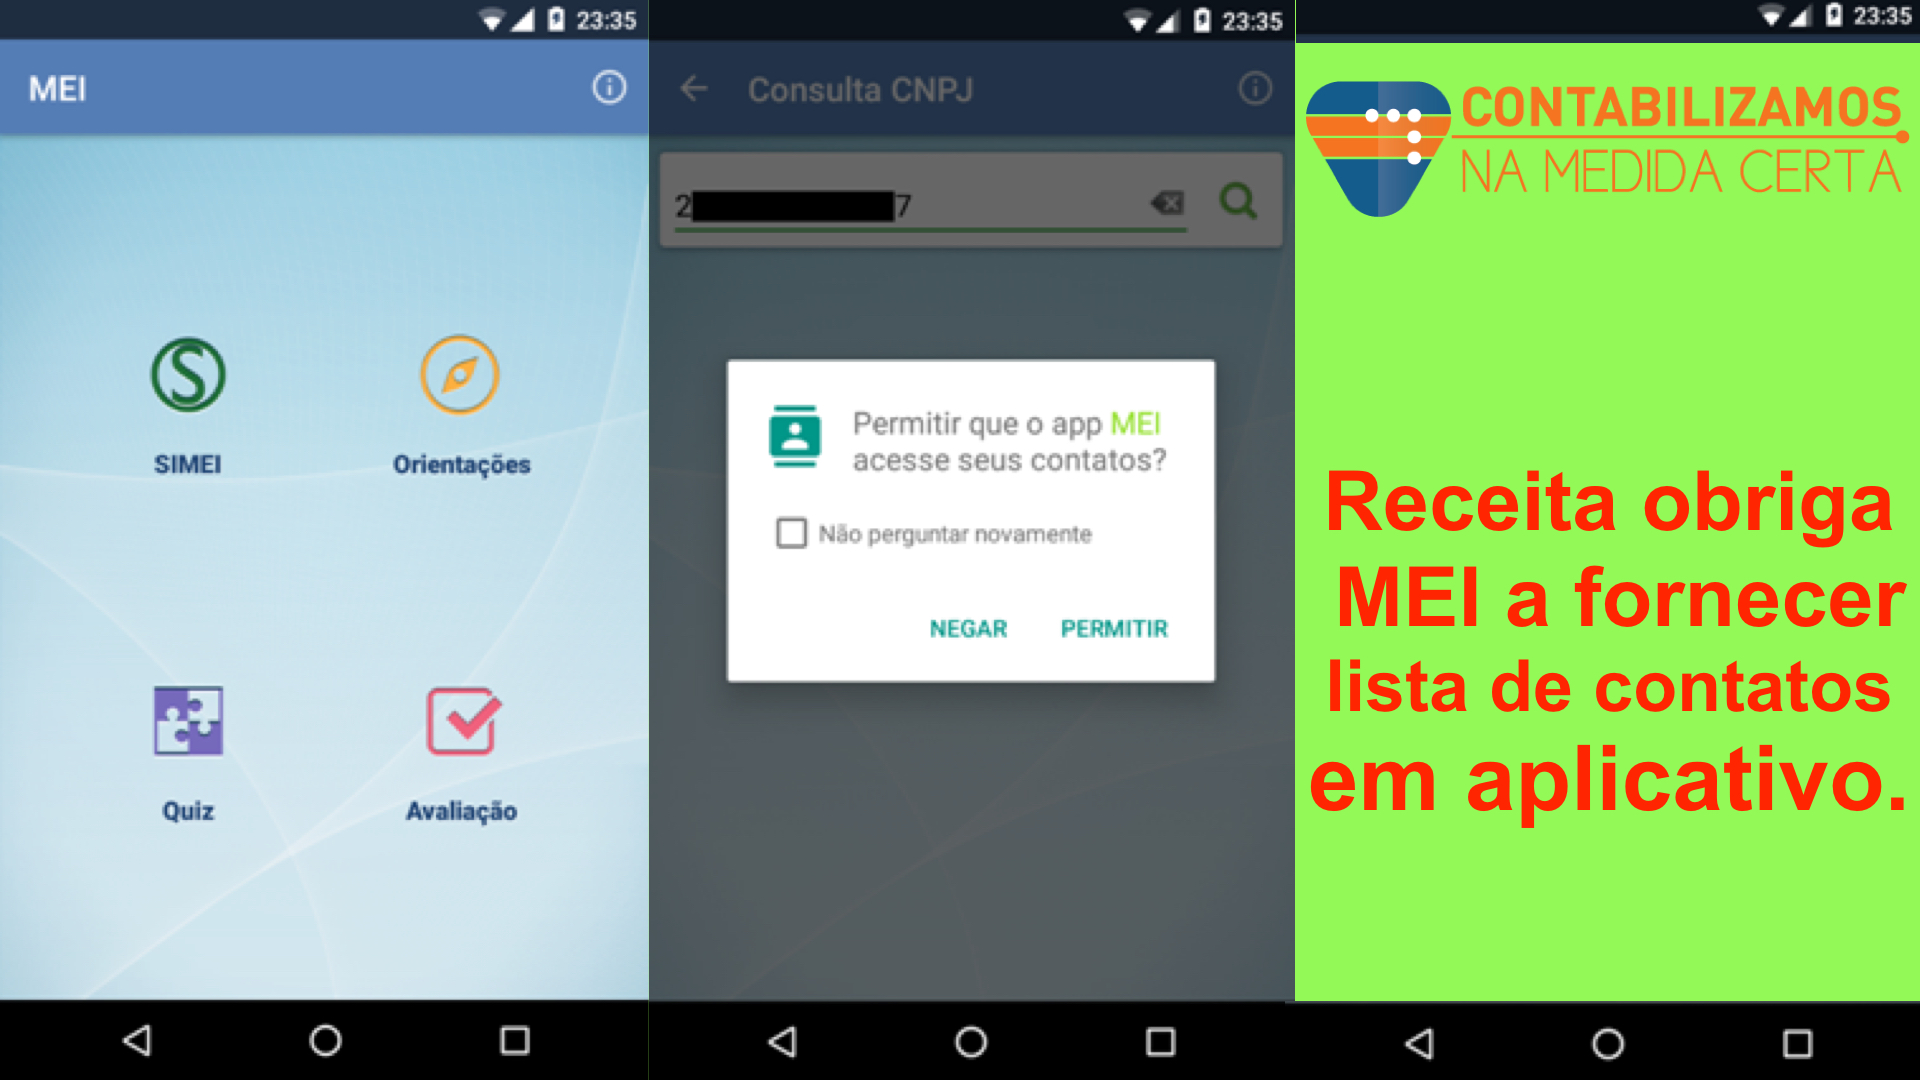 Receita Obriga MEI A Fornecer Lista De Contatos Em Aplicativo